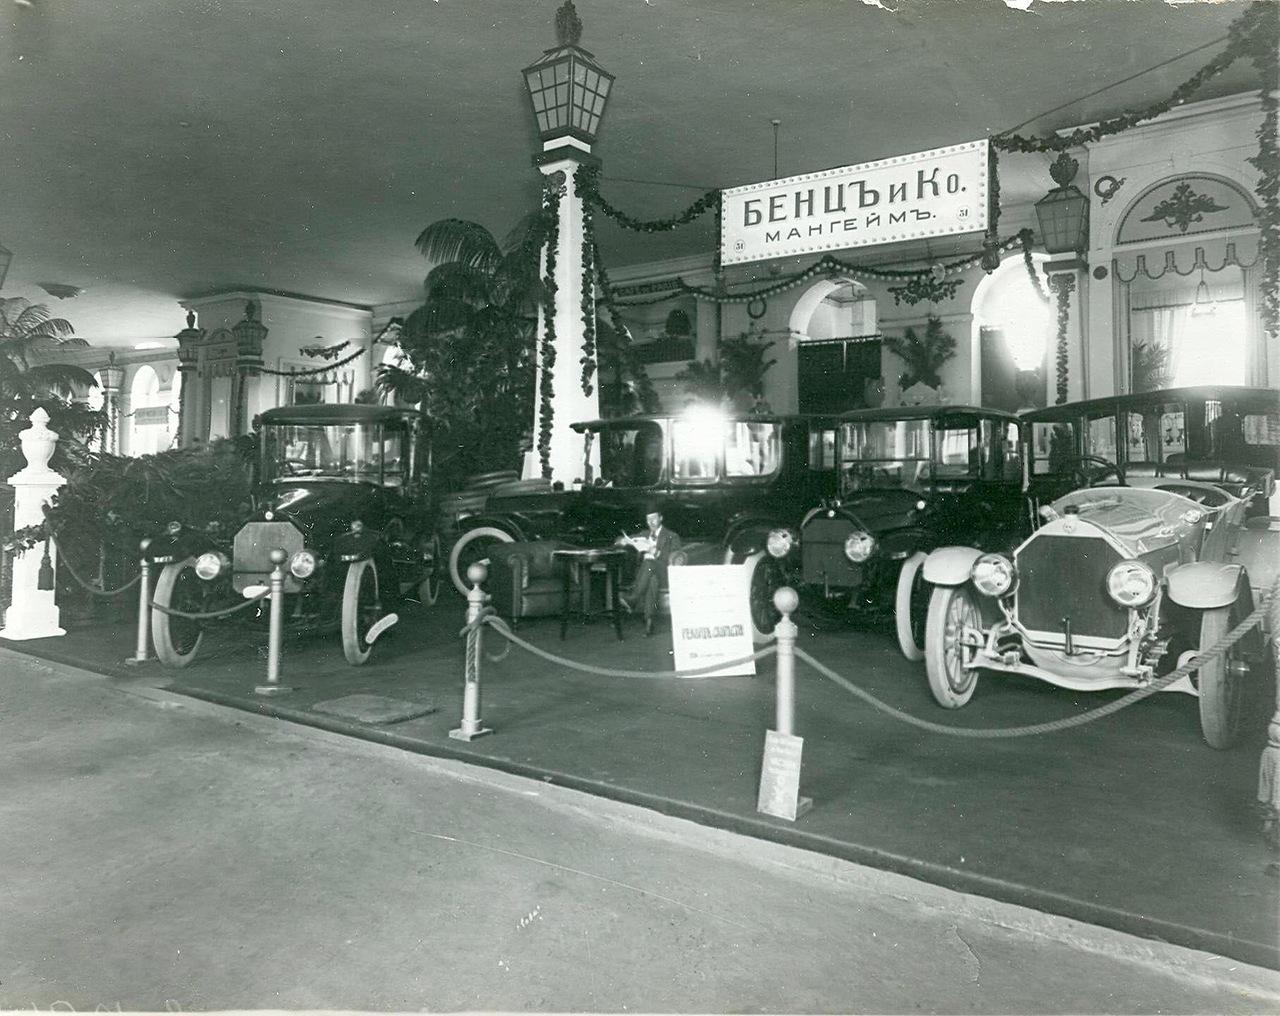 0_a943d_6109e6f9_XXXLЭкспонаты выставки  автомобили фирмы Бенц и К .